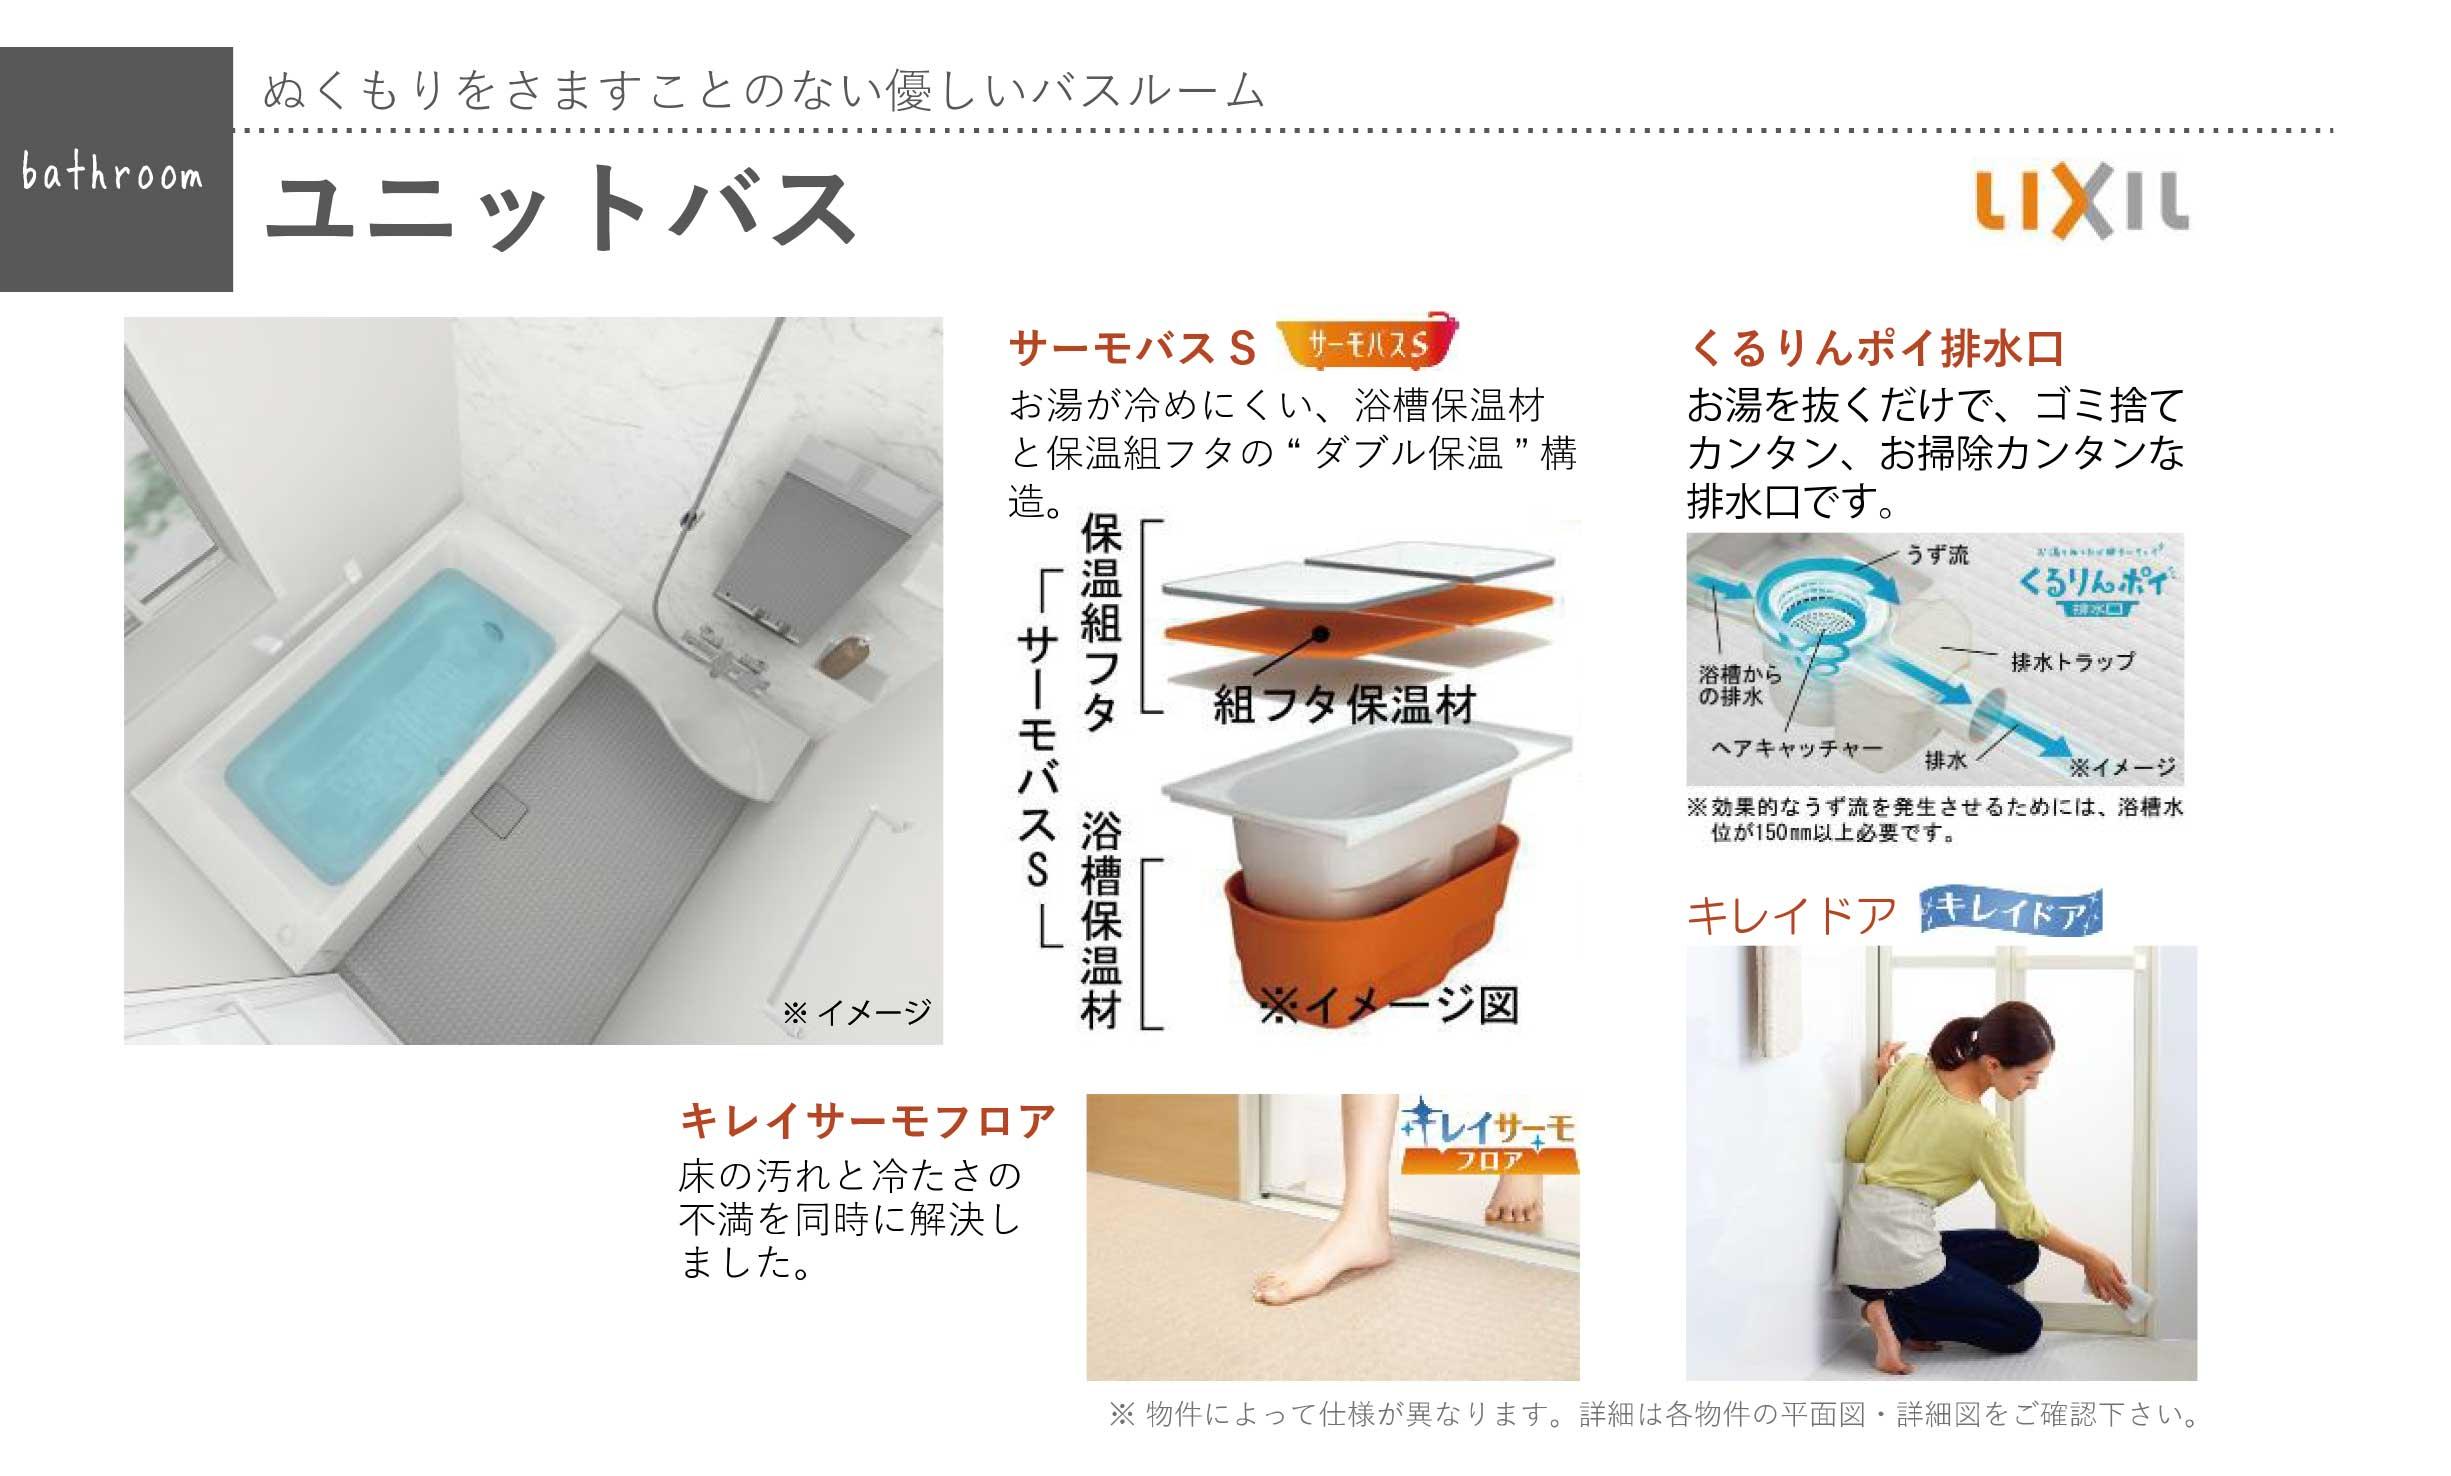 浴室イメージ *画像はイメージです。物件によって形状、仕様は異なります。